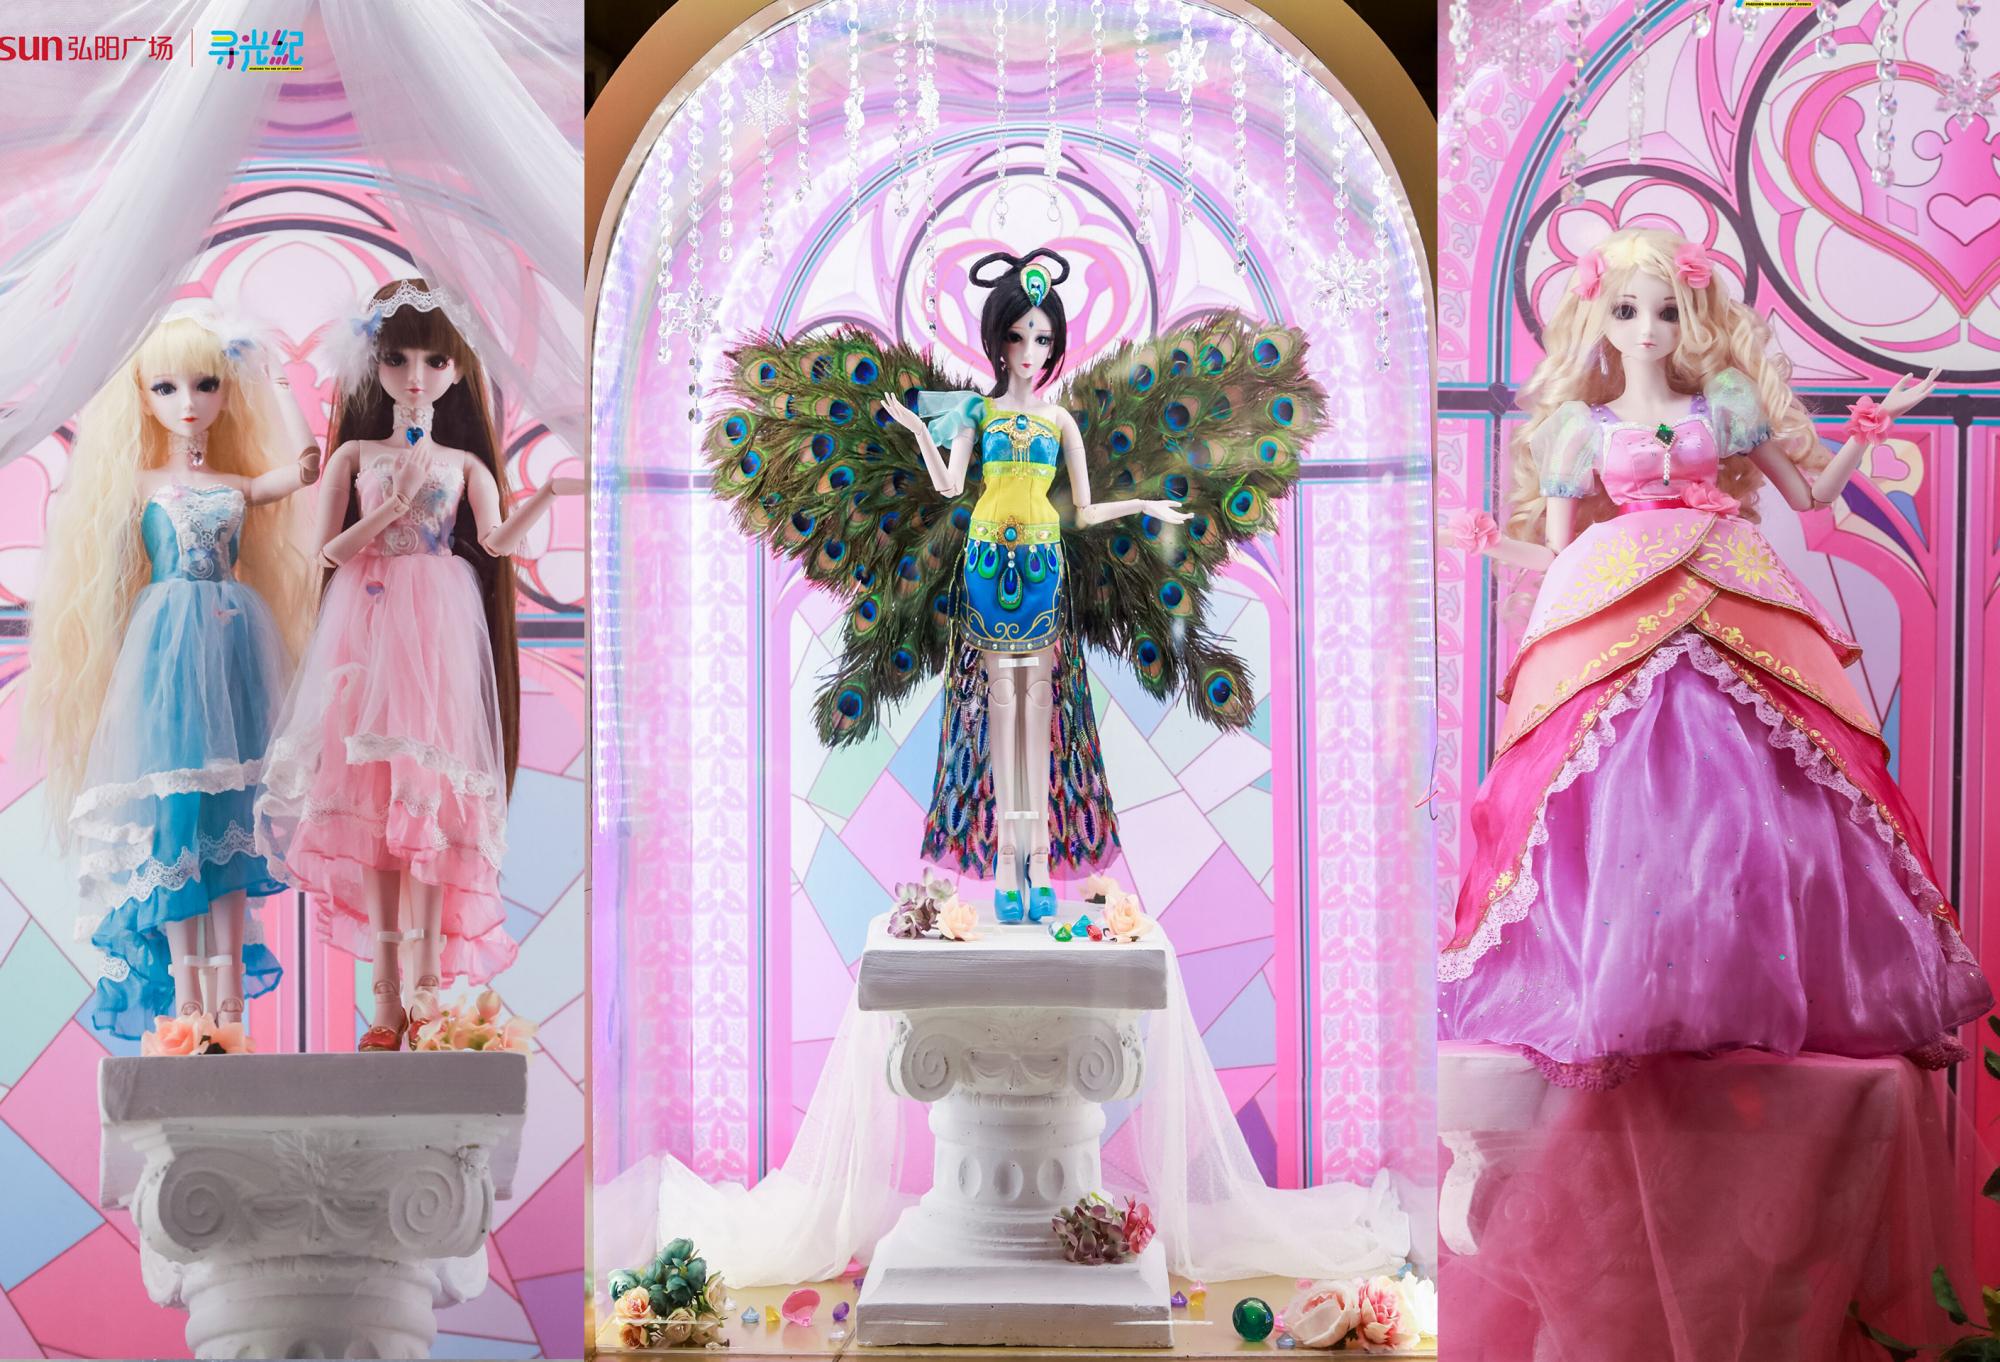 叶罗丽也有唱诗班,圣诞树上仙子挂,新款叶罗丽娃娃来亮相